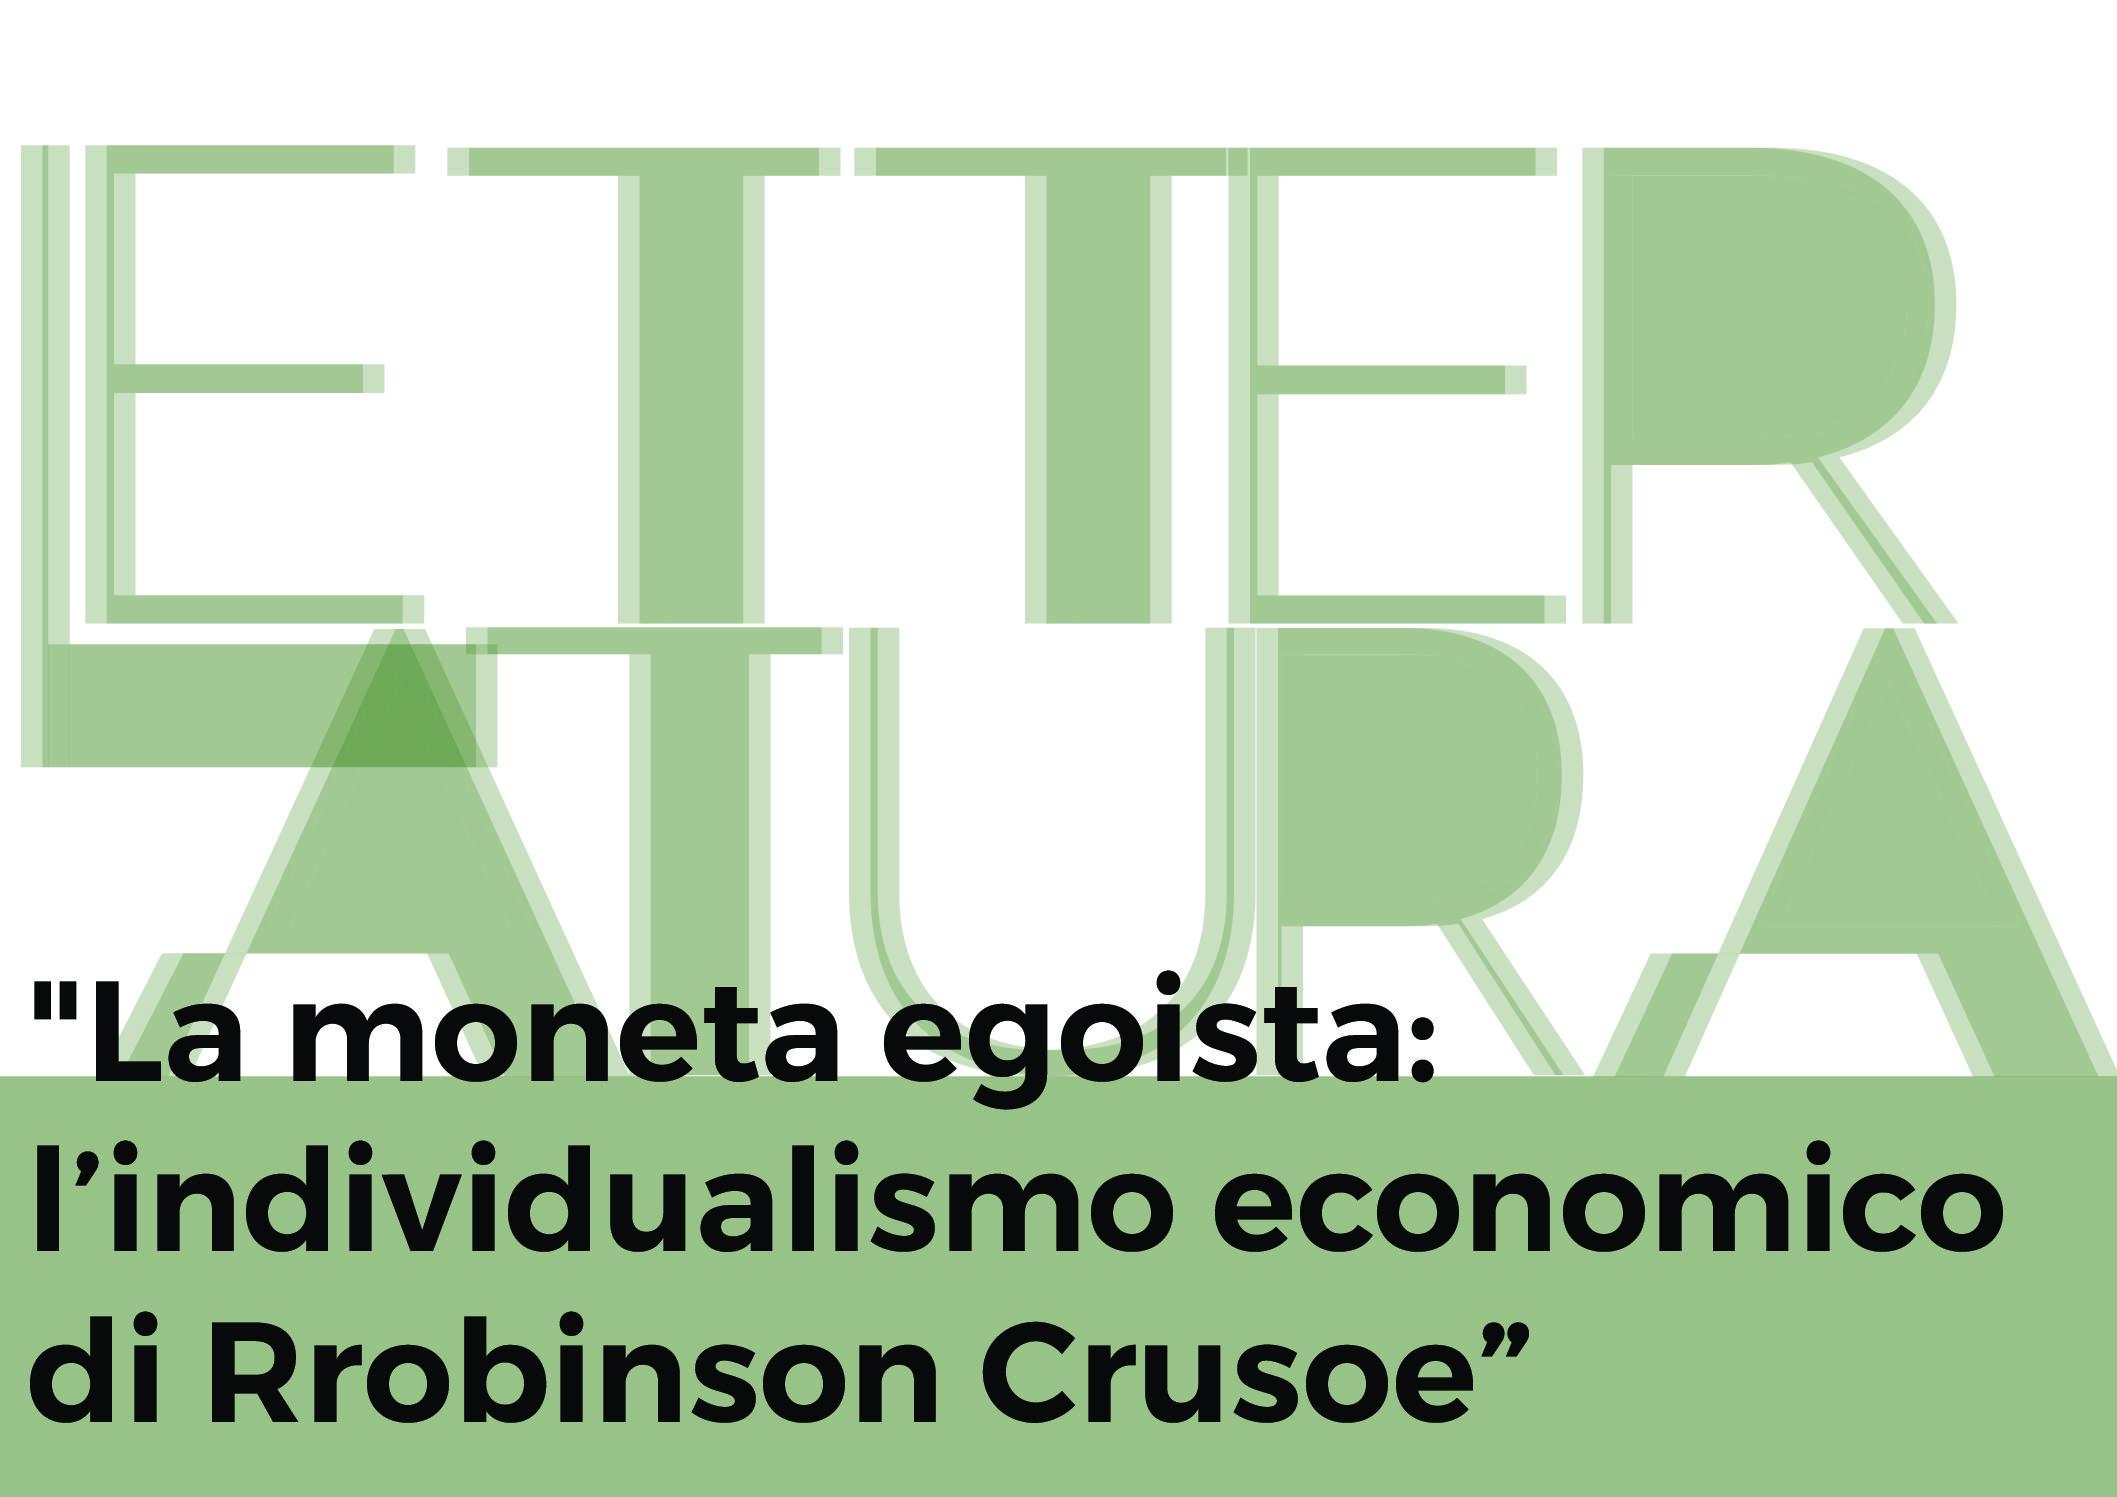 La moneta egoista: l'individualismo economico di Robinson Crusoe – immagine